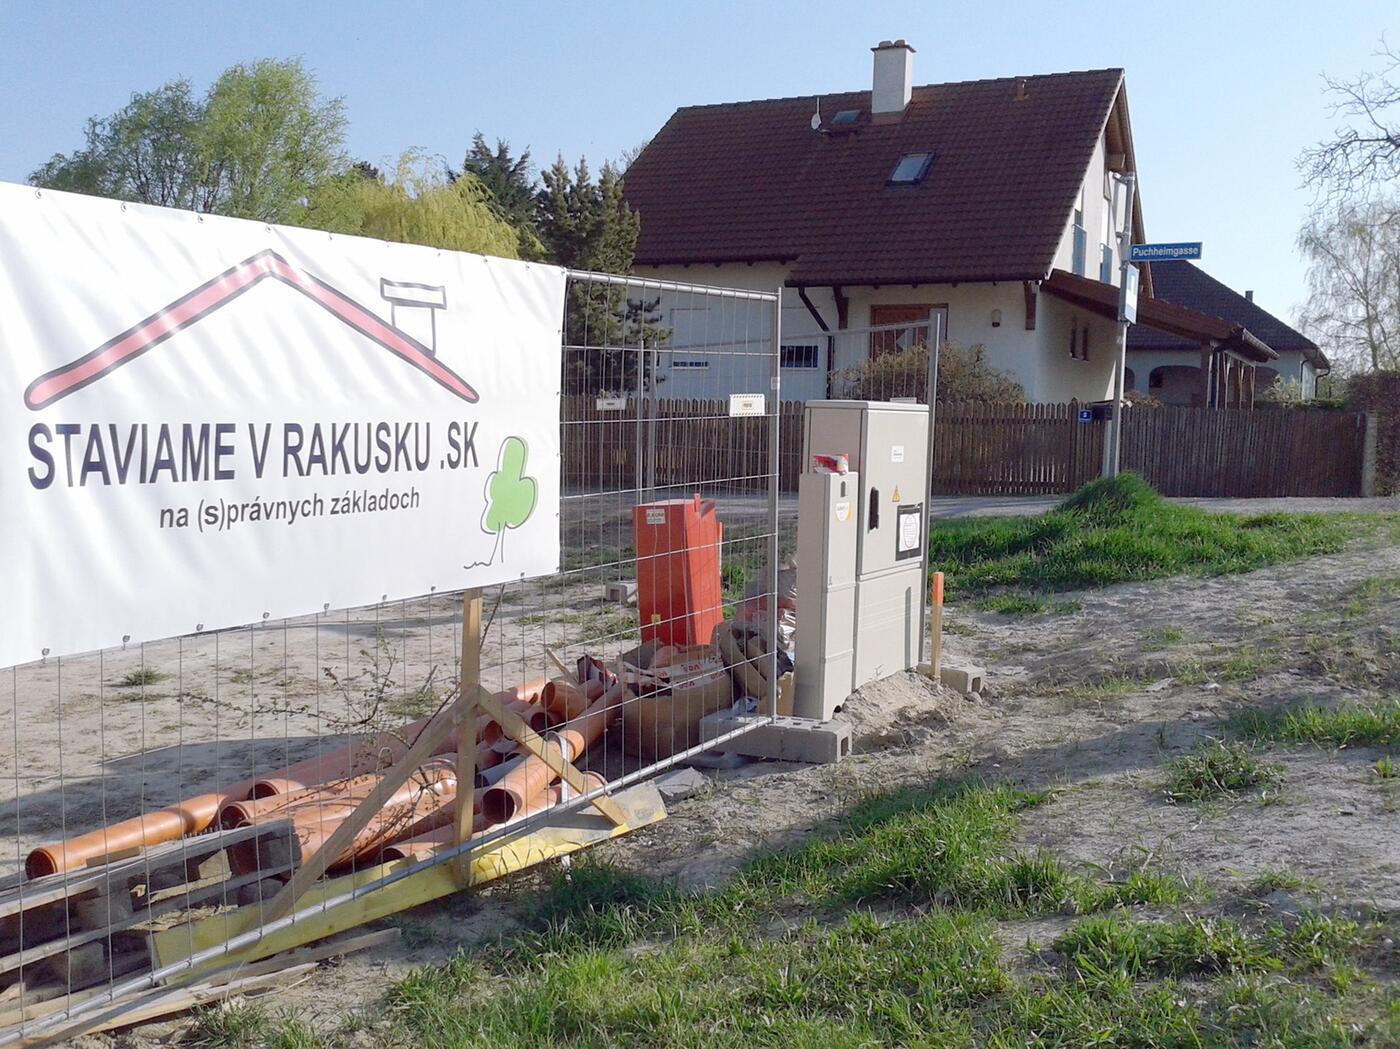 Parndorf frau single, Kleinanzeigen partnersuche in